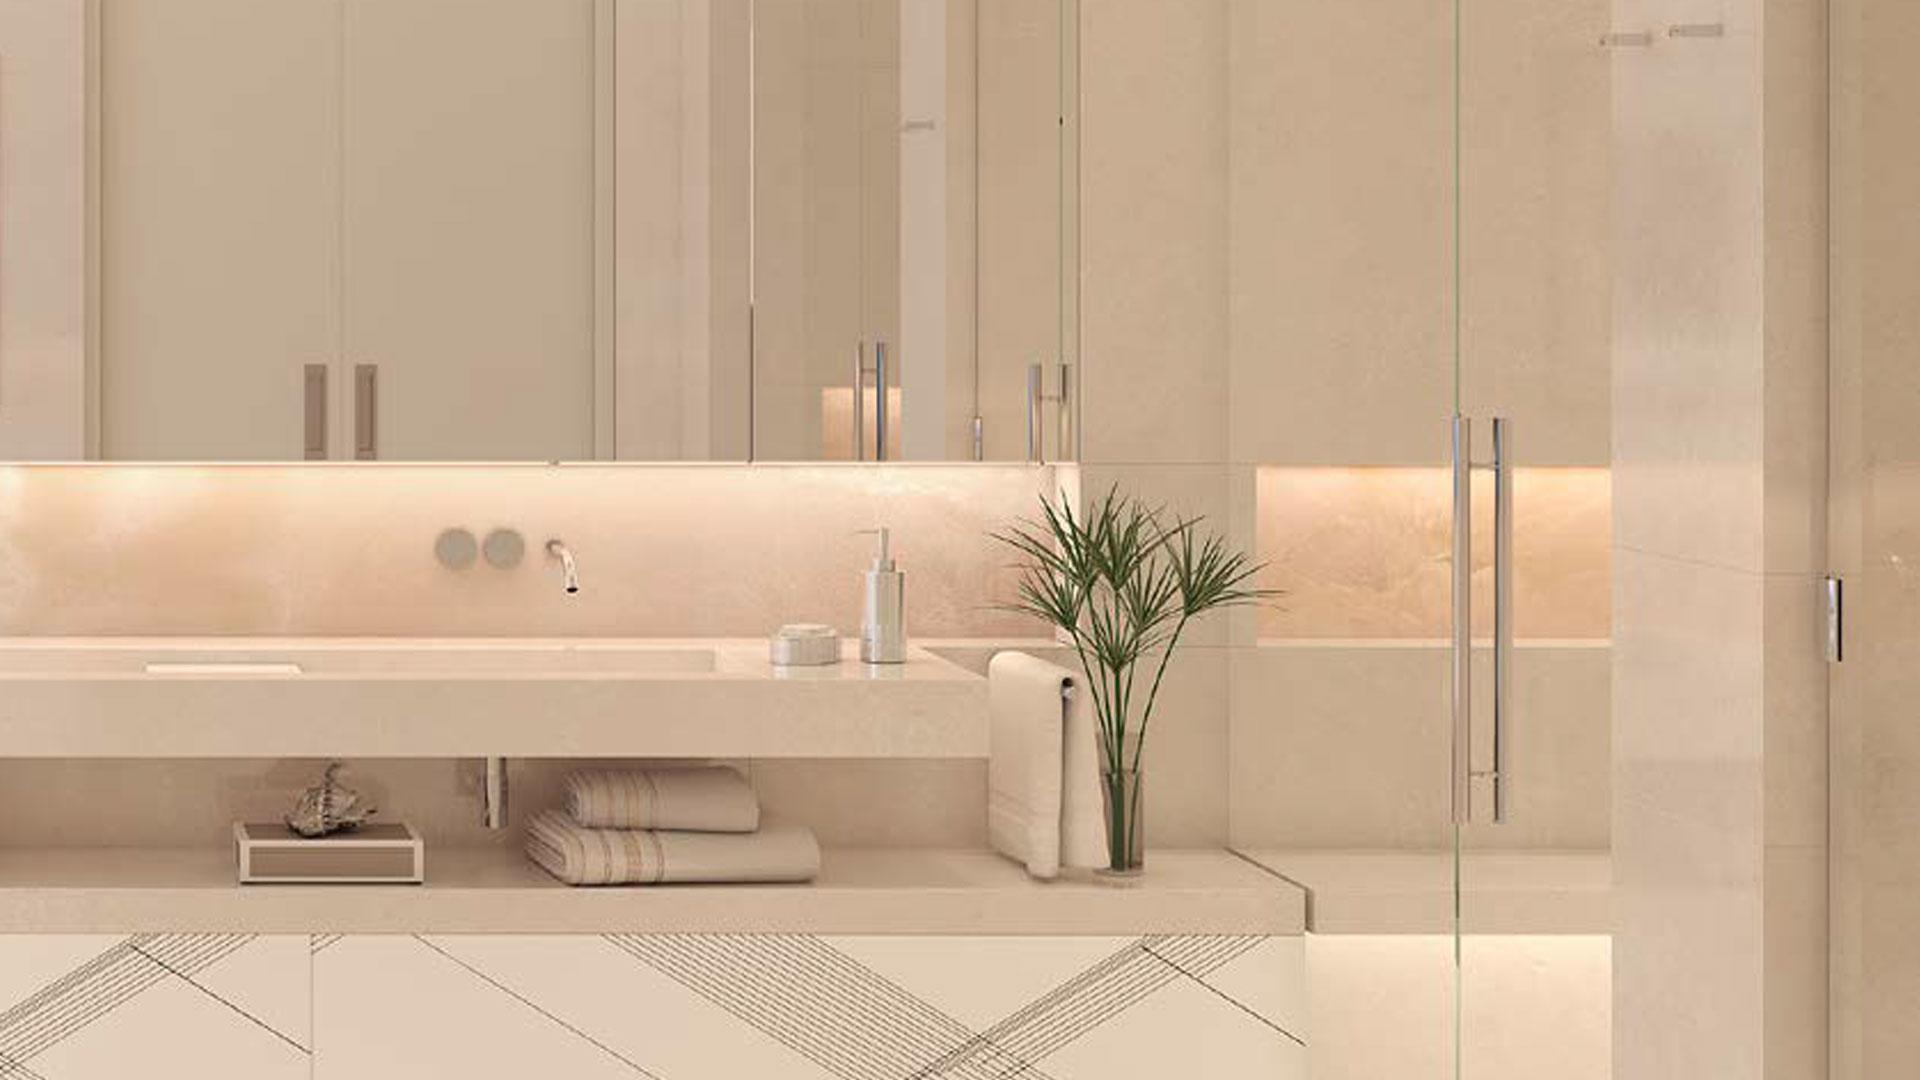 mobius-villas-bathroom-design3